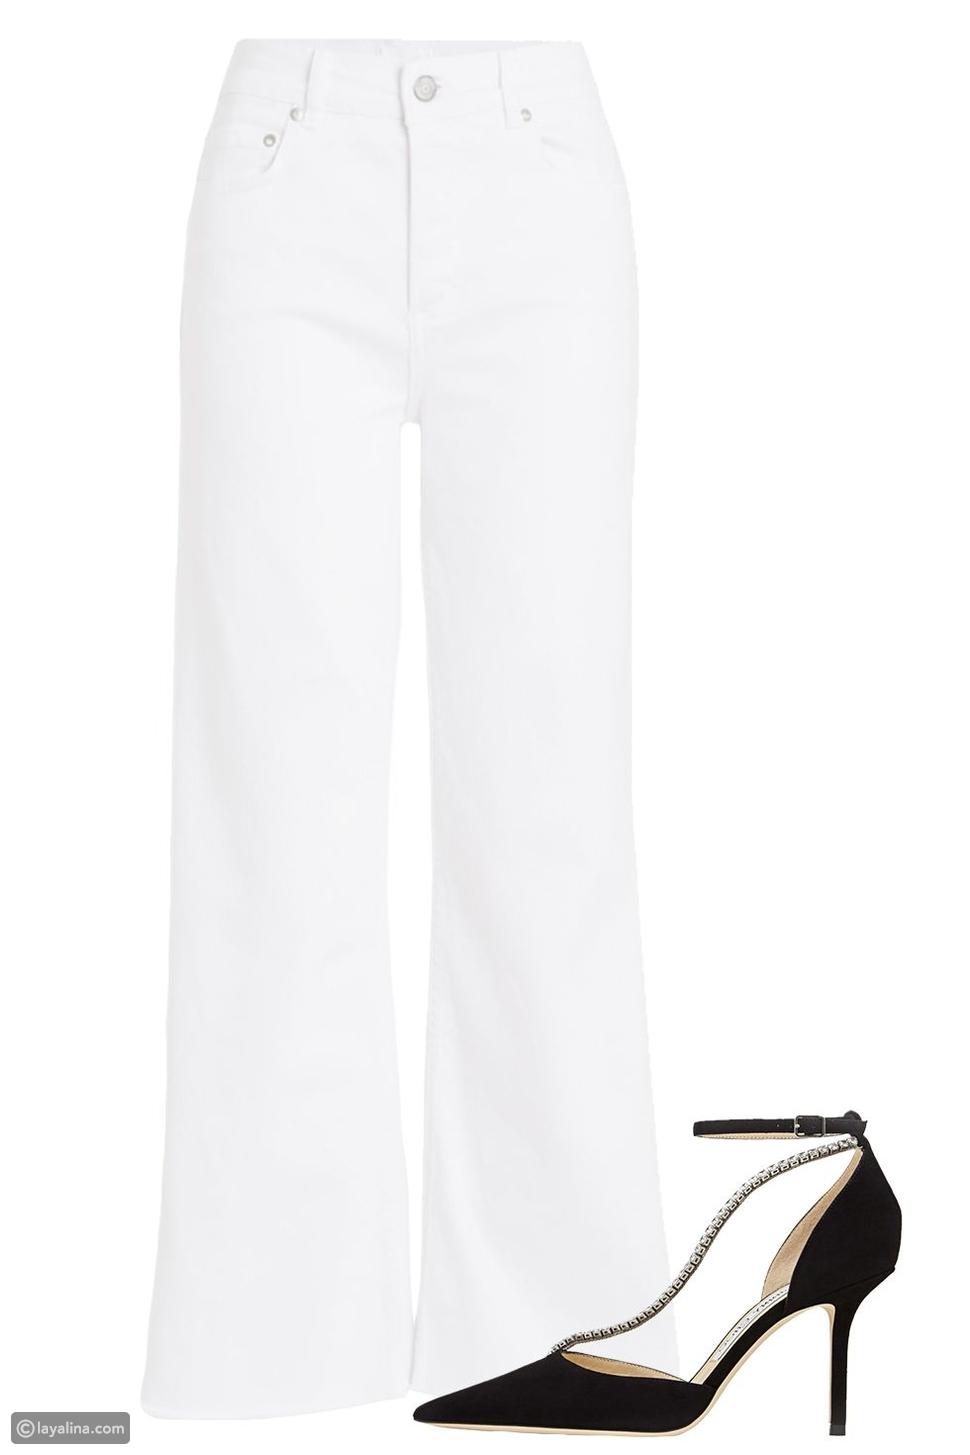 جينز أبيض مع حذاء أسود أنيق